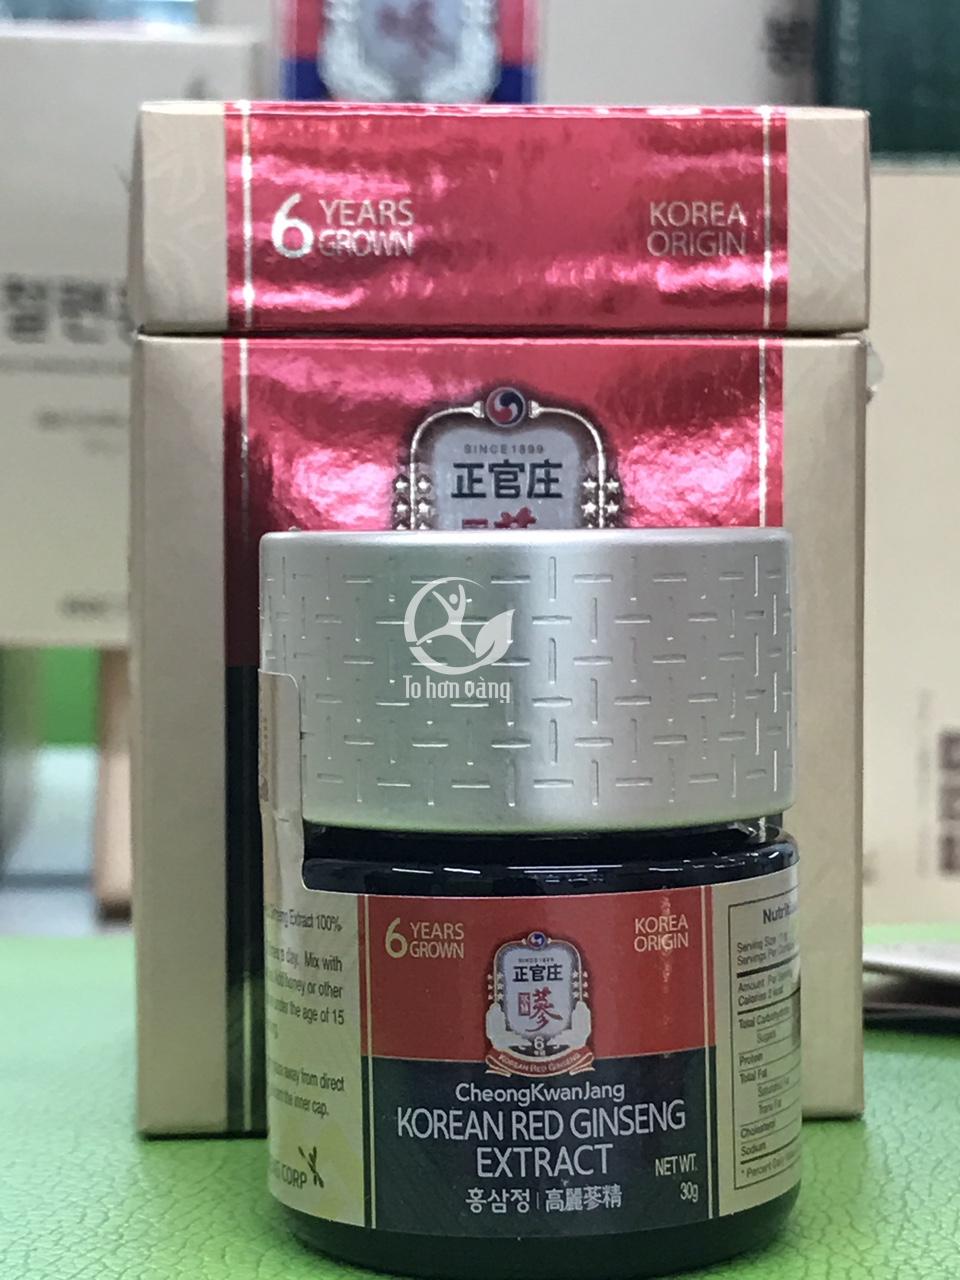 Mỗi ngày sử dụng 2 - 3g cao hồng sâm KGC là cung cấp đầy đủ chất dinh dưỡng